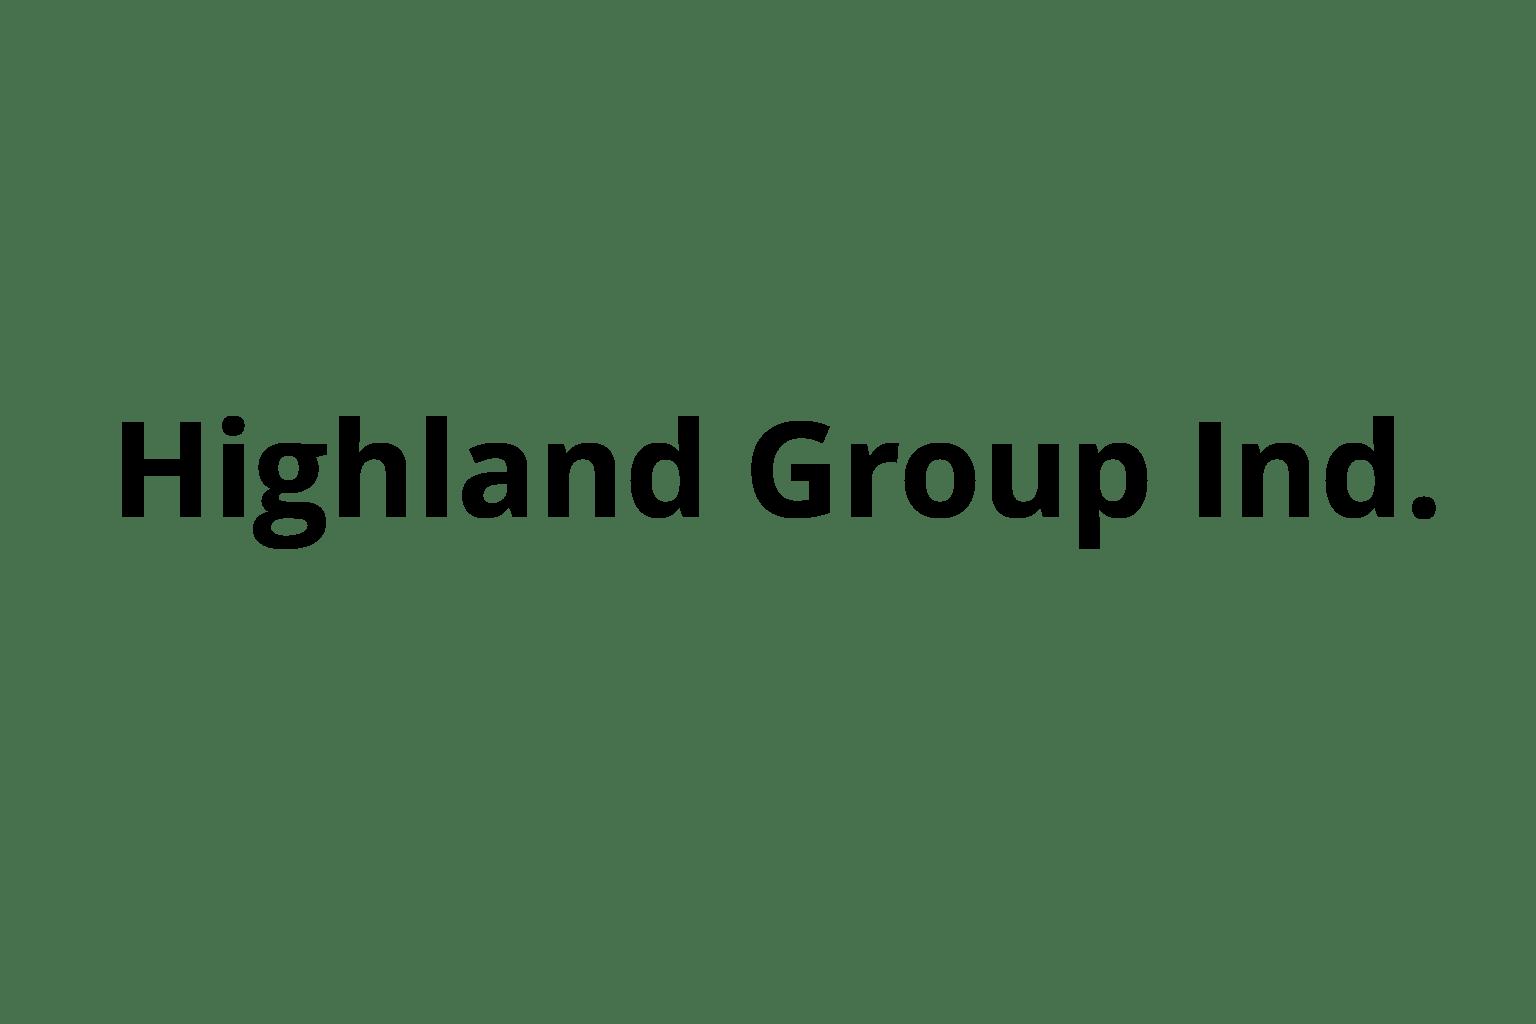 Highland Group Ind.